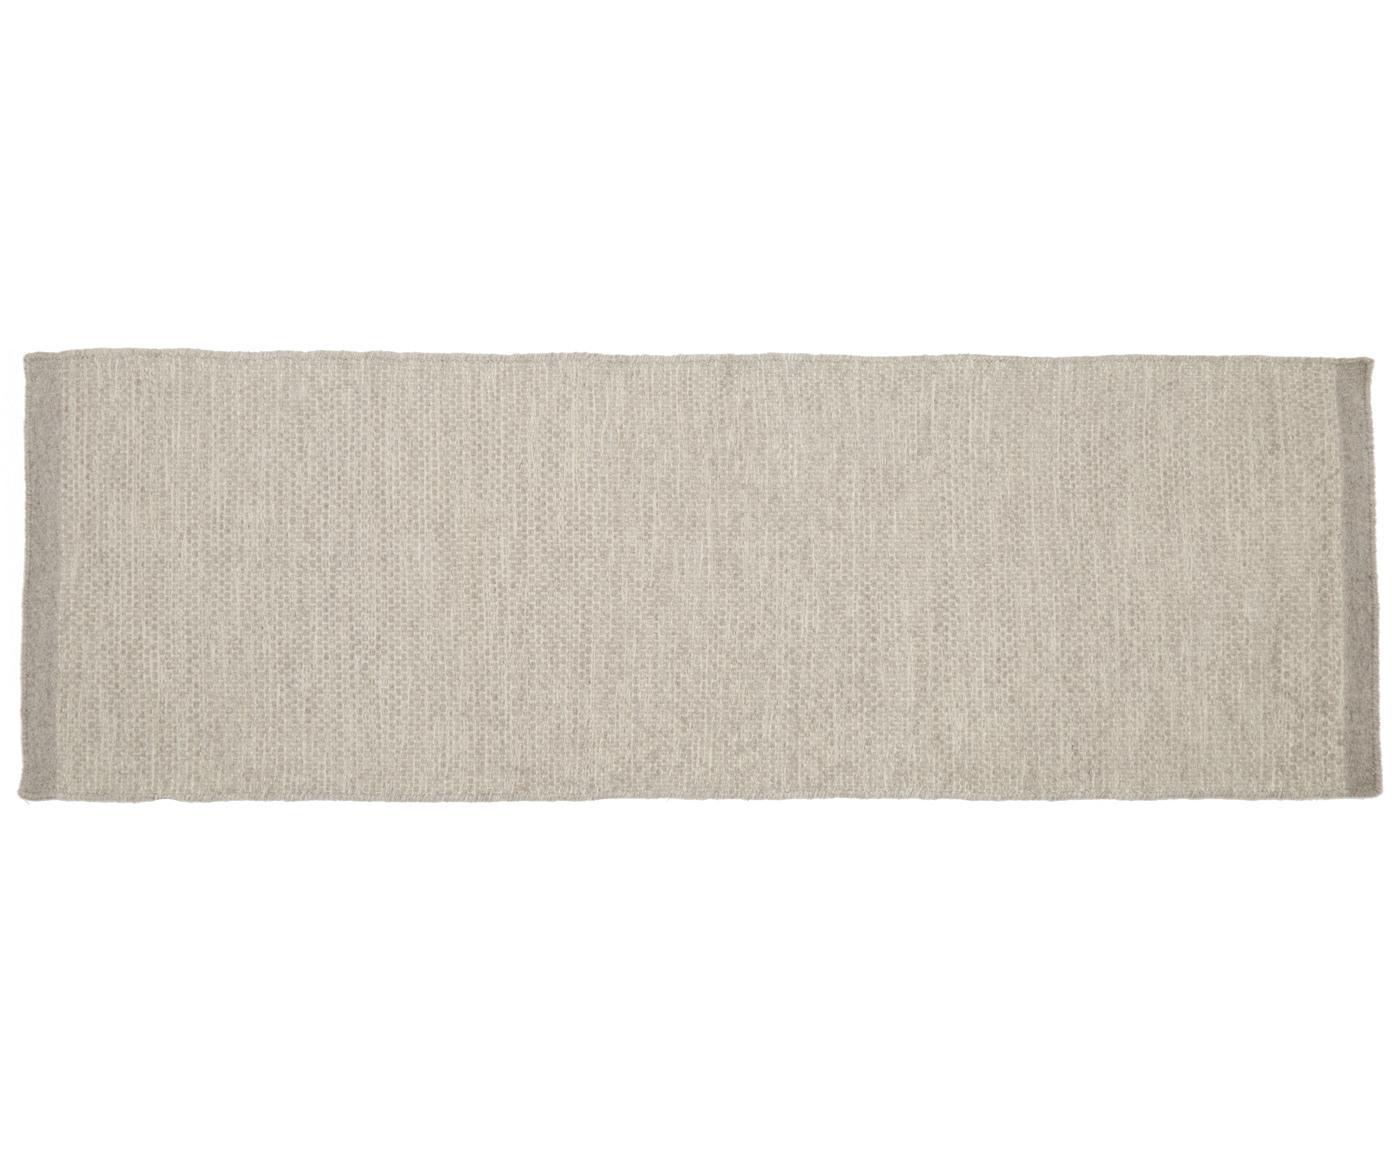 Handgeweven wollen loper Delight, Bovenzijde: 90% wol, 10% katoen, Onderzijde: katoen, Lichtgrijs, 80 x 250 cm